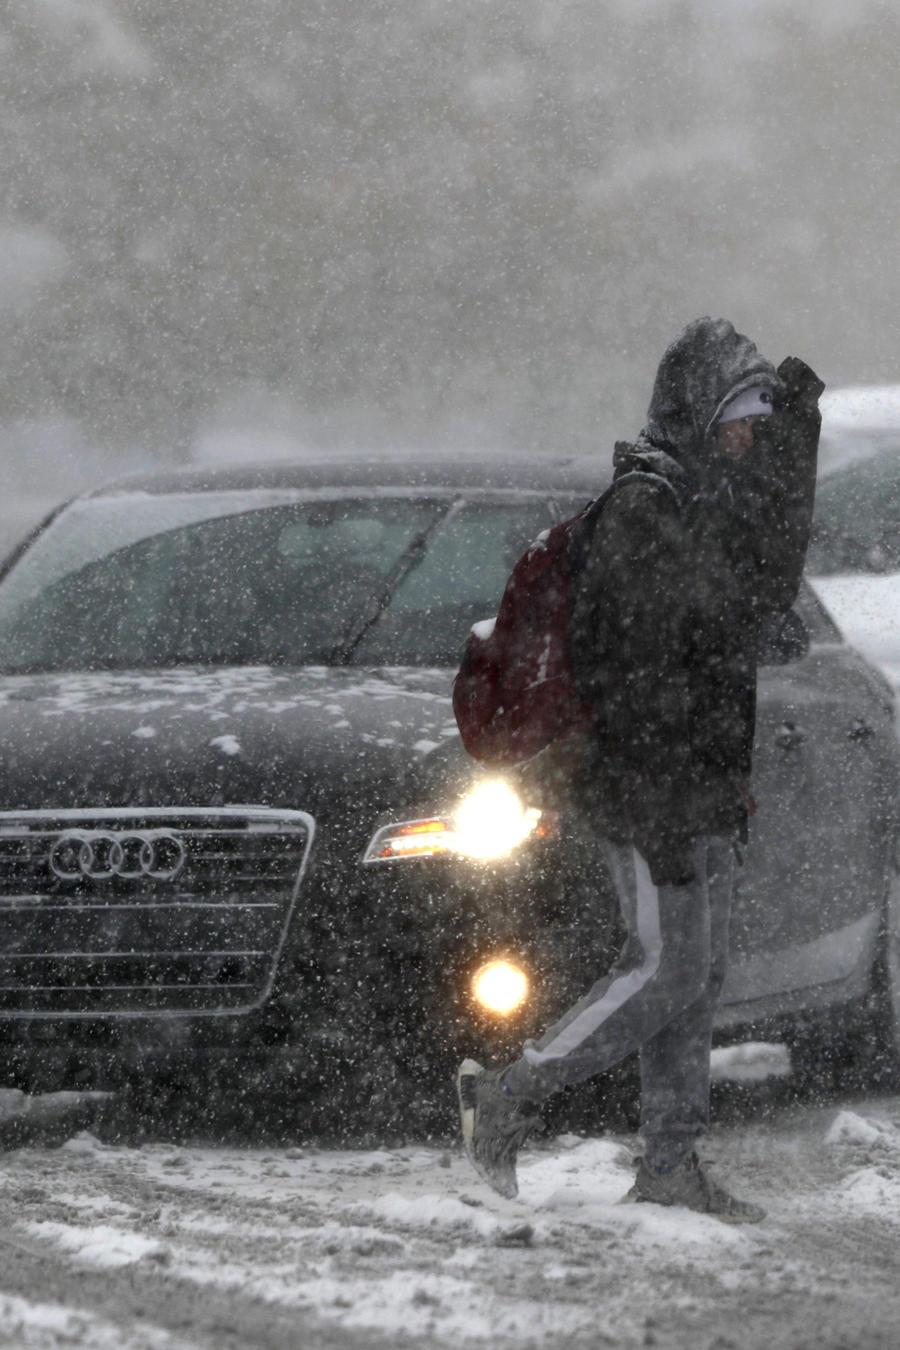 Una poderosa tormenta amenaza con dejar hasta dos pies de nieve en algunos estados del centro del país. Las alertas se extienden desde el estado de Washington hasta Colorado.